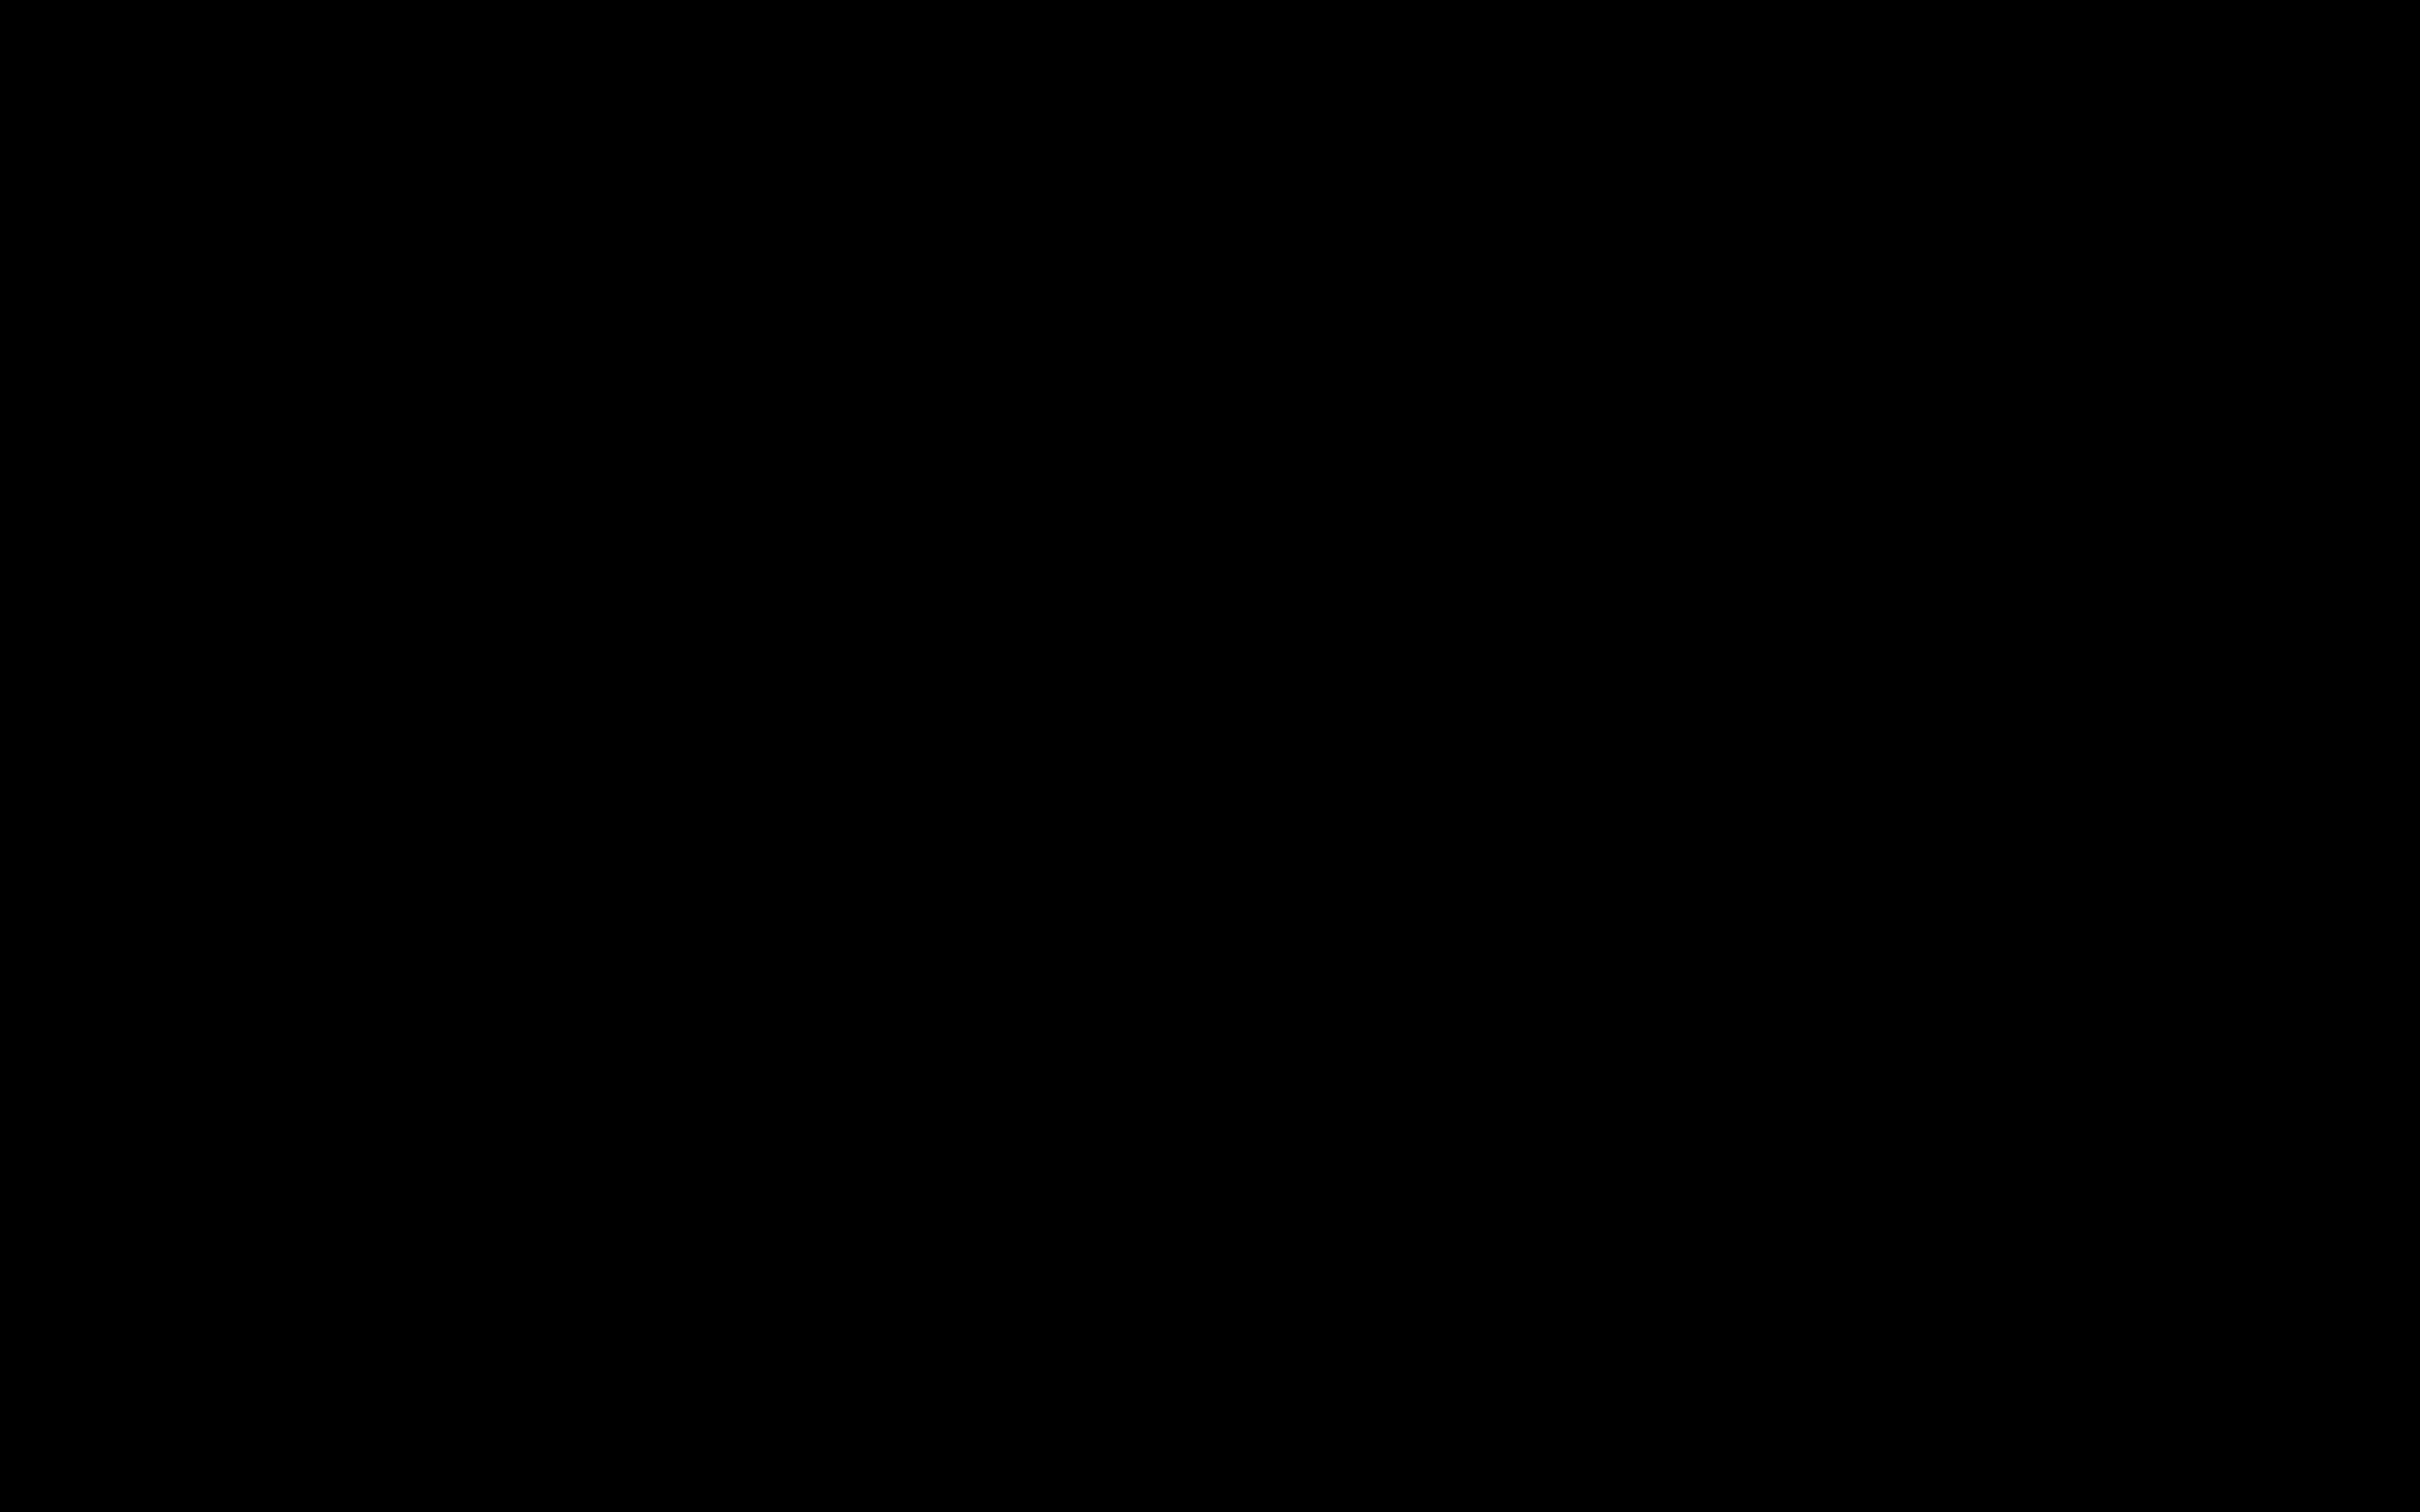 产品经理自检清单V1.0(高清版).jpg